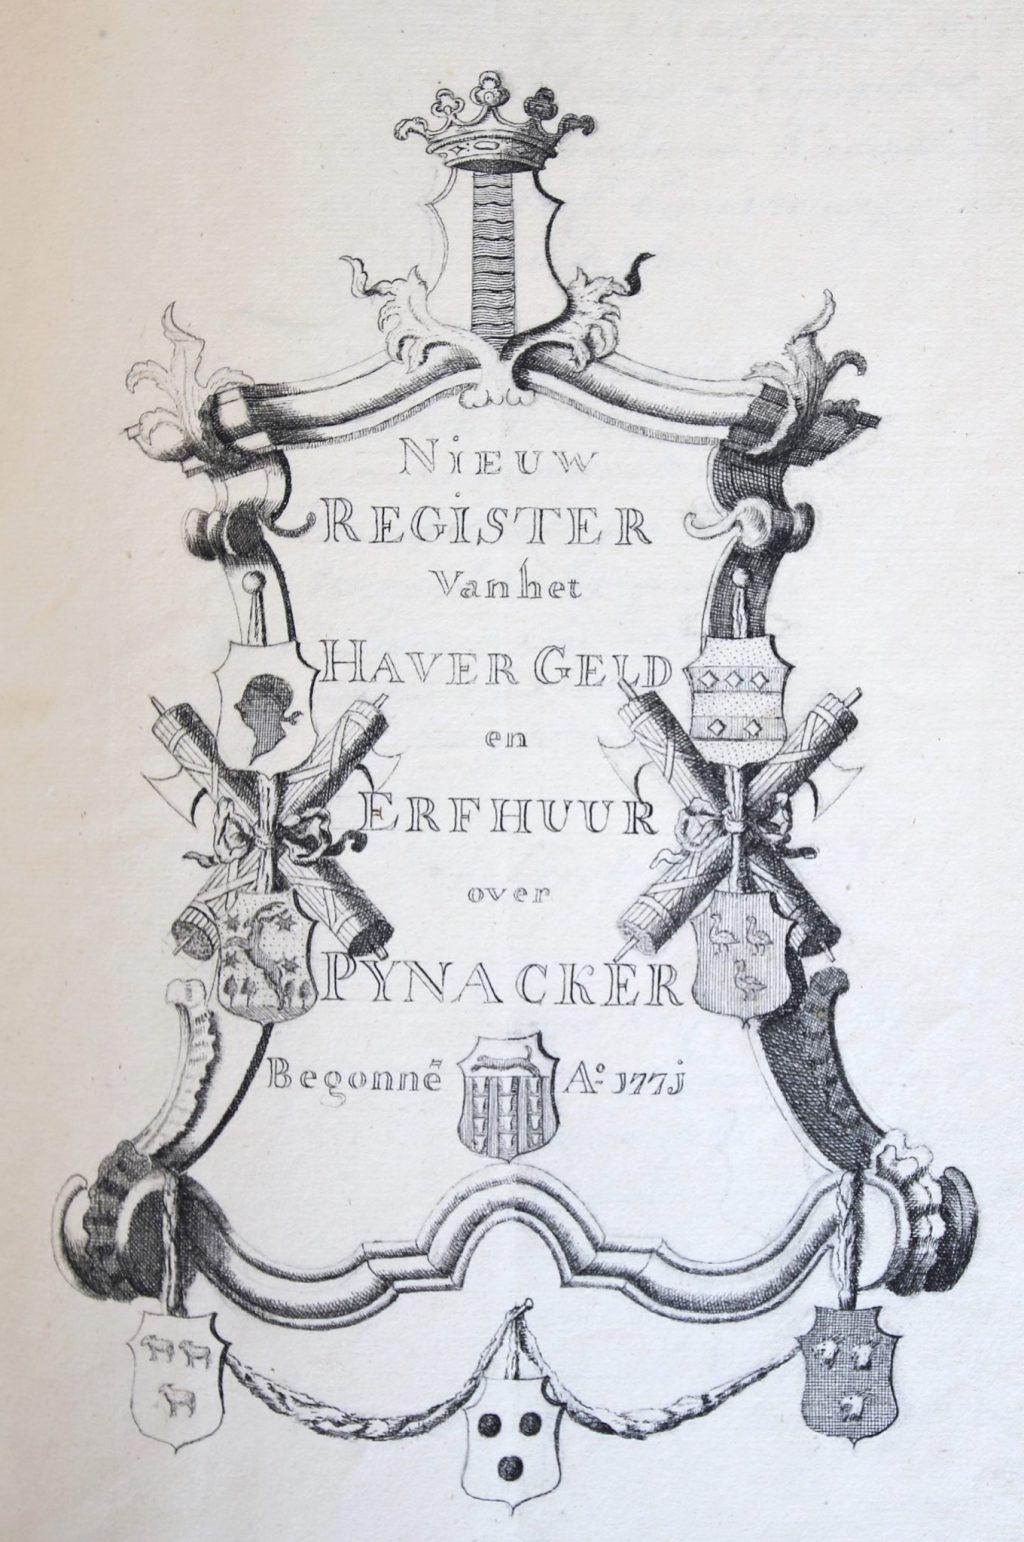 Titelpagina van het register van de haverpacht en de erfhuur van Pijnacker, 1771 (Archief 1, inv.nr 1173)